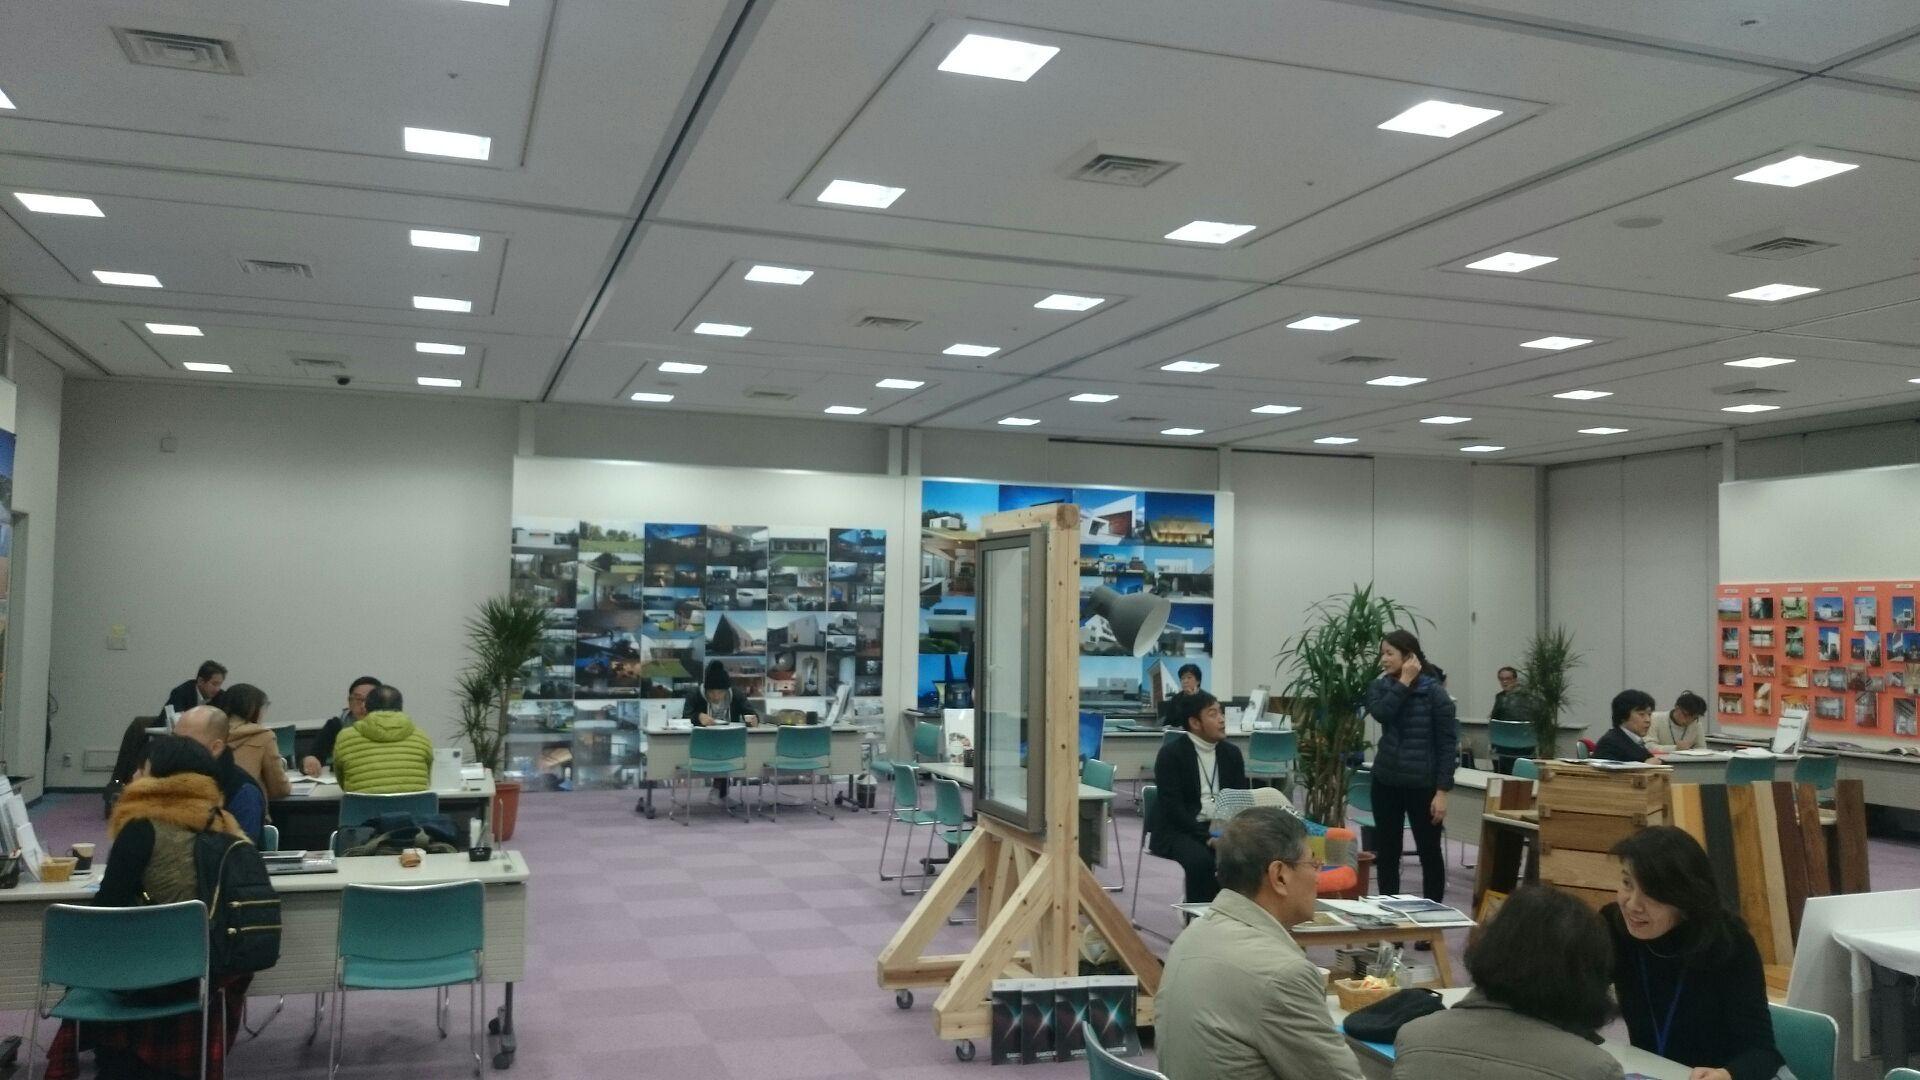 http://www.watabe-koumuten.co.jp/news/images/1453078149067.jpg